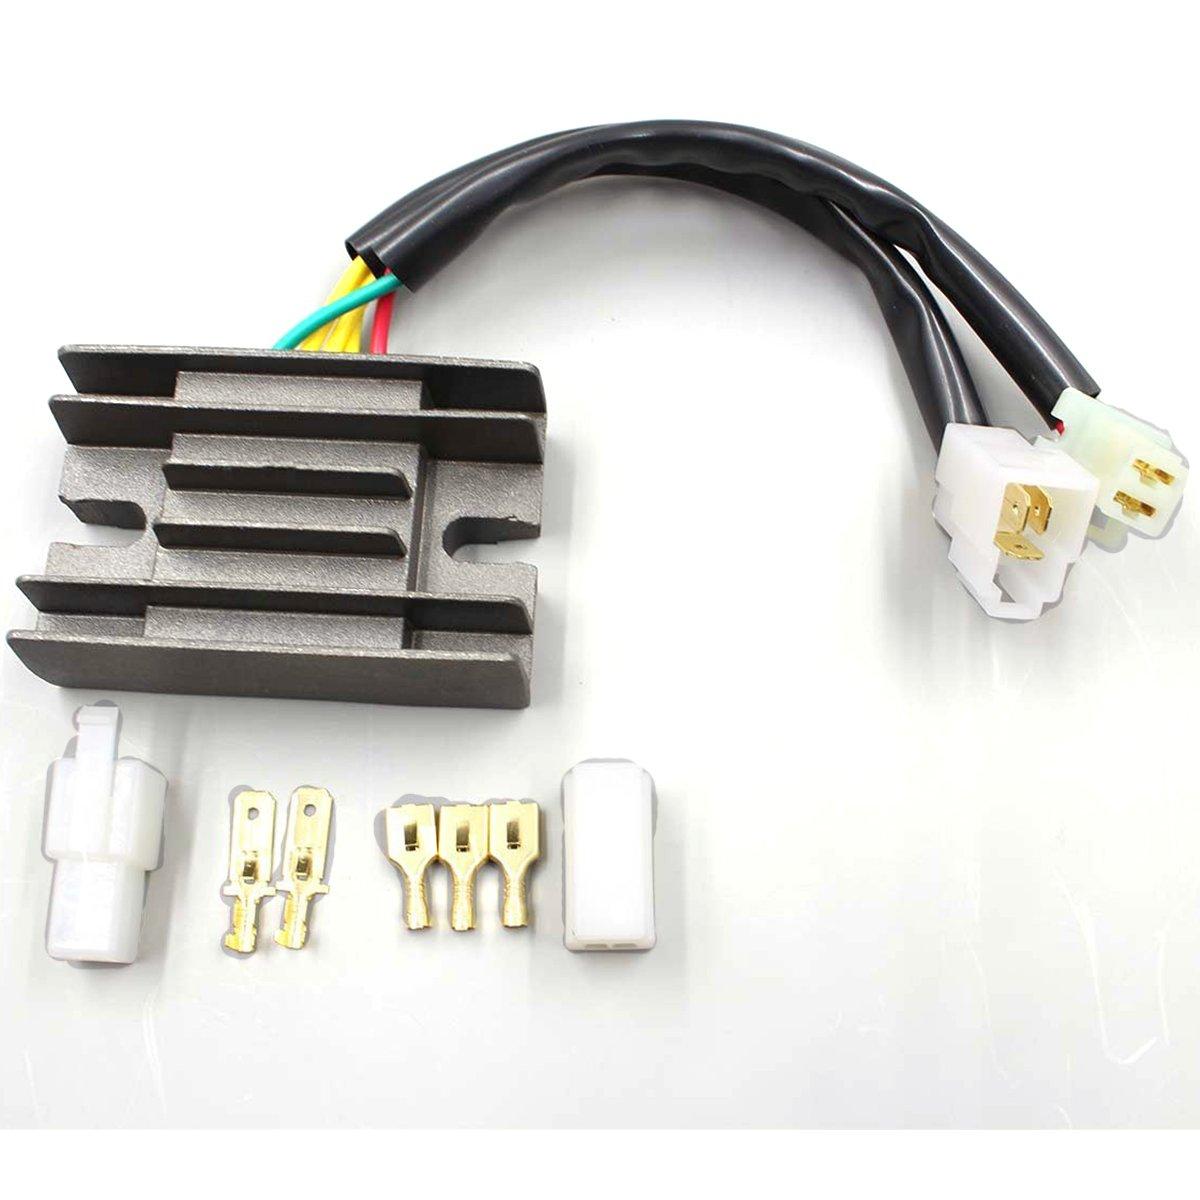 Voltage Regulator Rectifier For Arctic Cat 300 2x4 1998-2001, Arctic Cat 300 4x4 1998-2001 , Arctic Cat 250 2x4 1999-2003 , Suzuki GN125 1982-1997, Suzuki GZ250 1999-2010 by Amhousejoy RUIANQIFENG